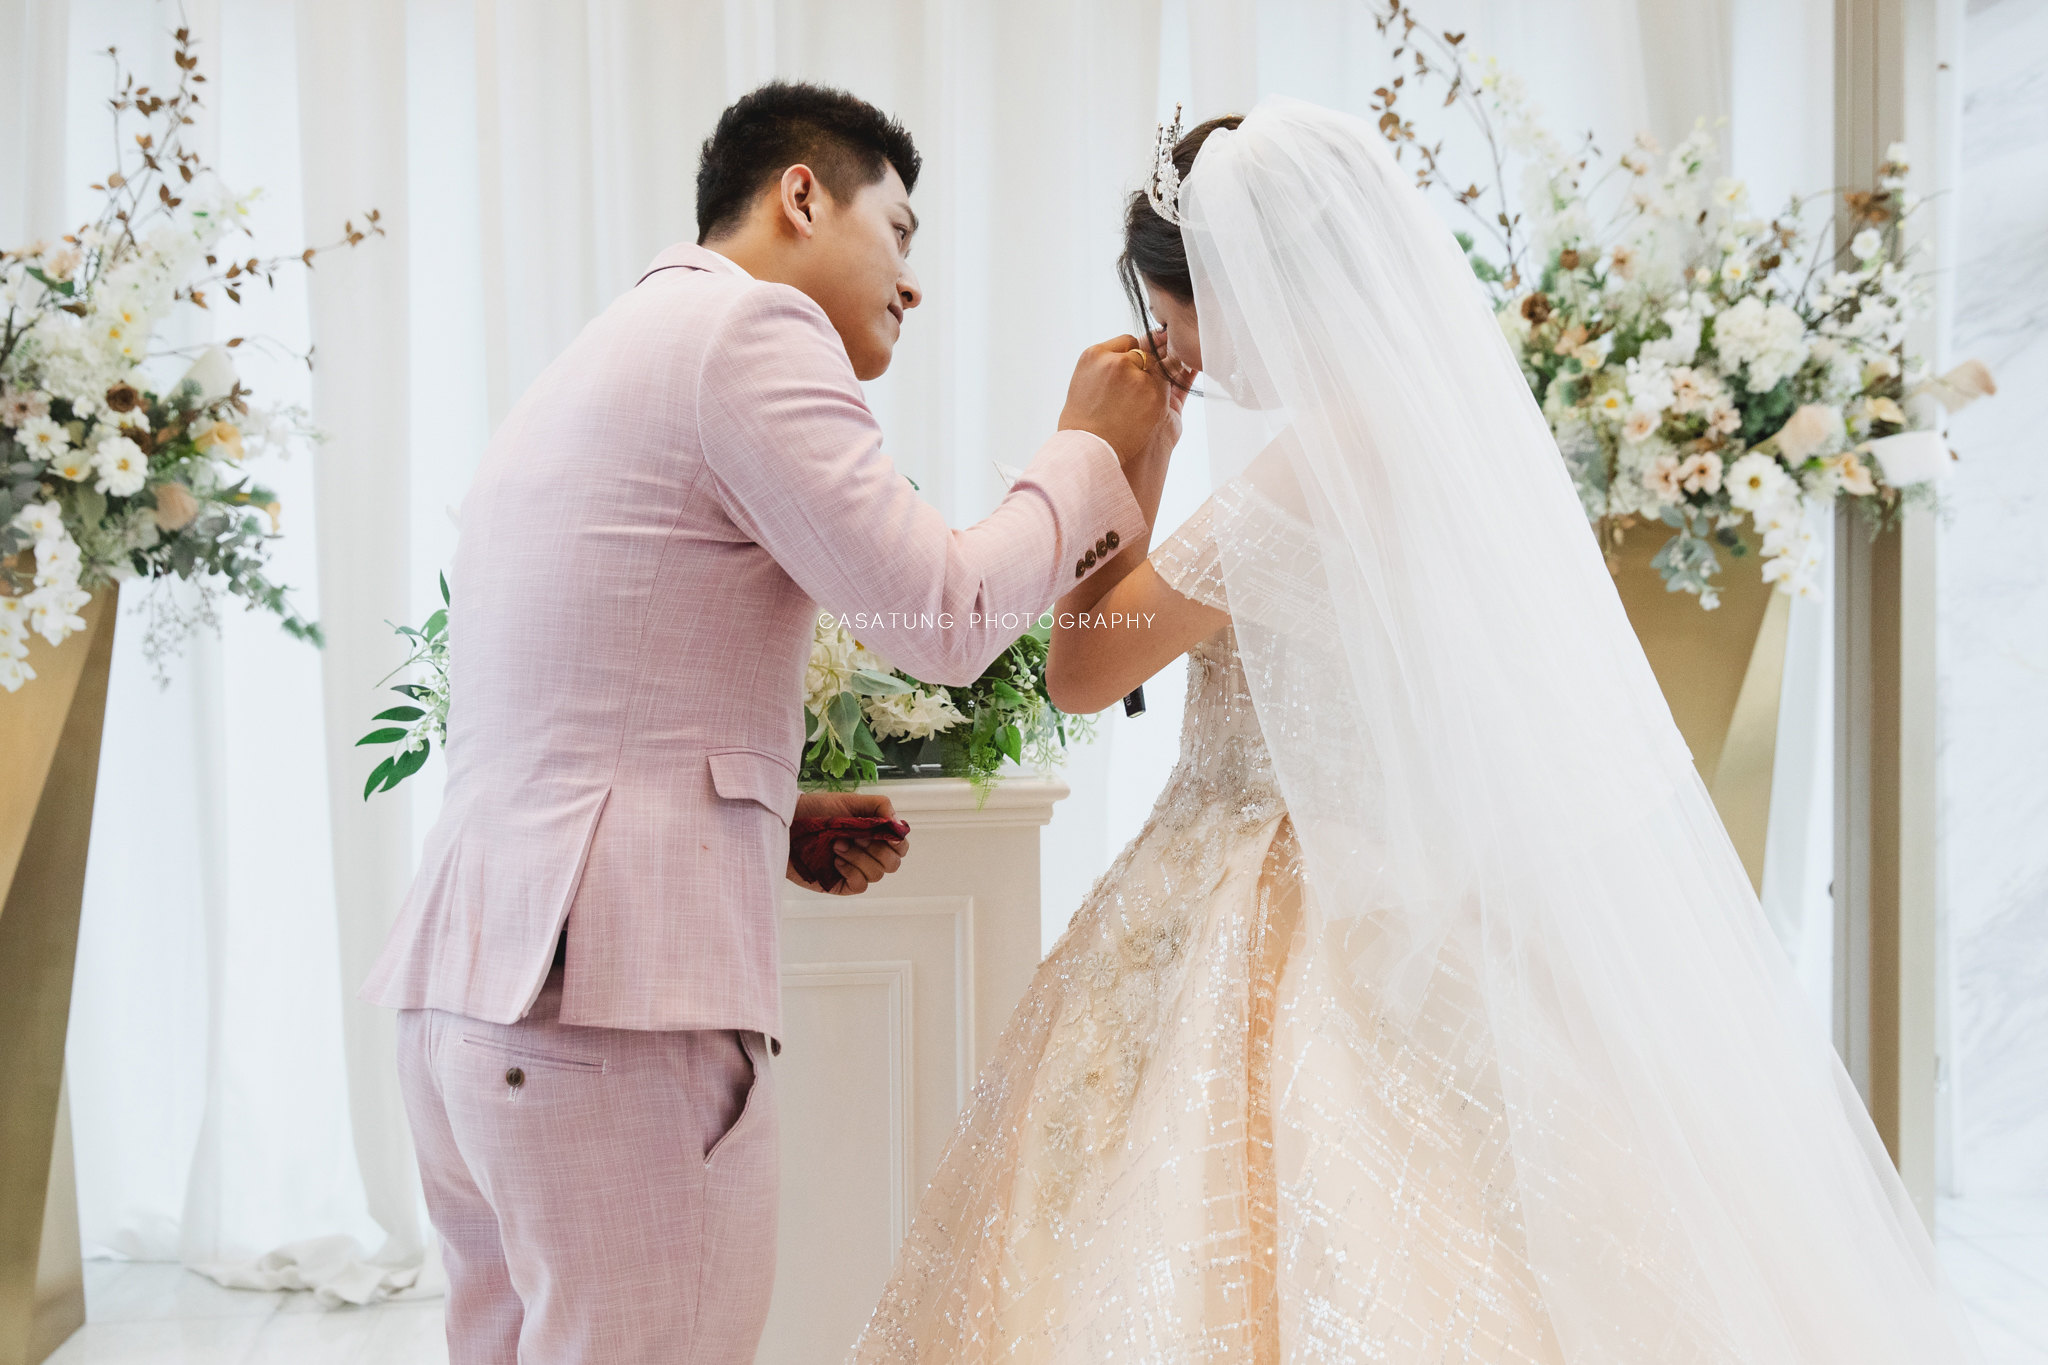 戶外婚禮, 手工婚紗, 台中婚攝, 自助婚紗, 婚紗工作室, 婚紗推薦旋轉木馬, 婚攝推廷, 婚攝CASA, 推薦婚攝, 旋轉木馬婚紗, 萊特維庭婚禮, 禮服出租, lightweeding,萊特薇庭婚攝-43